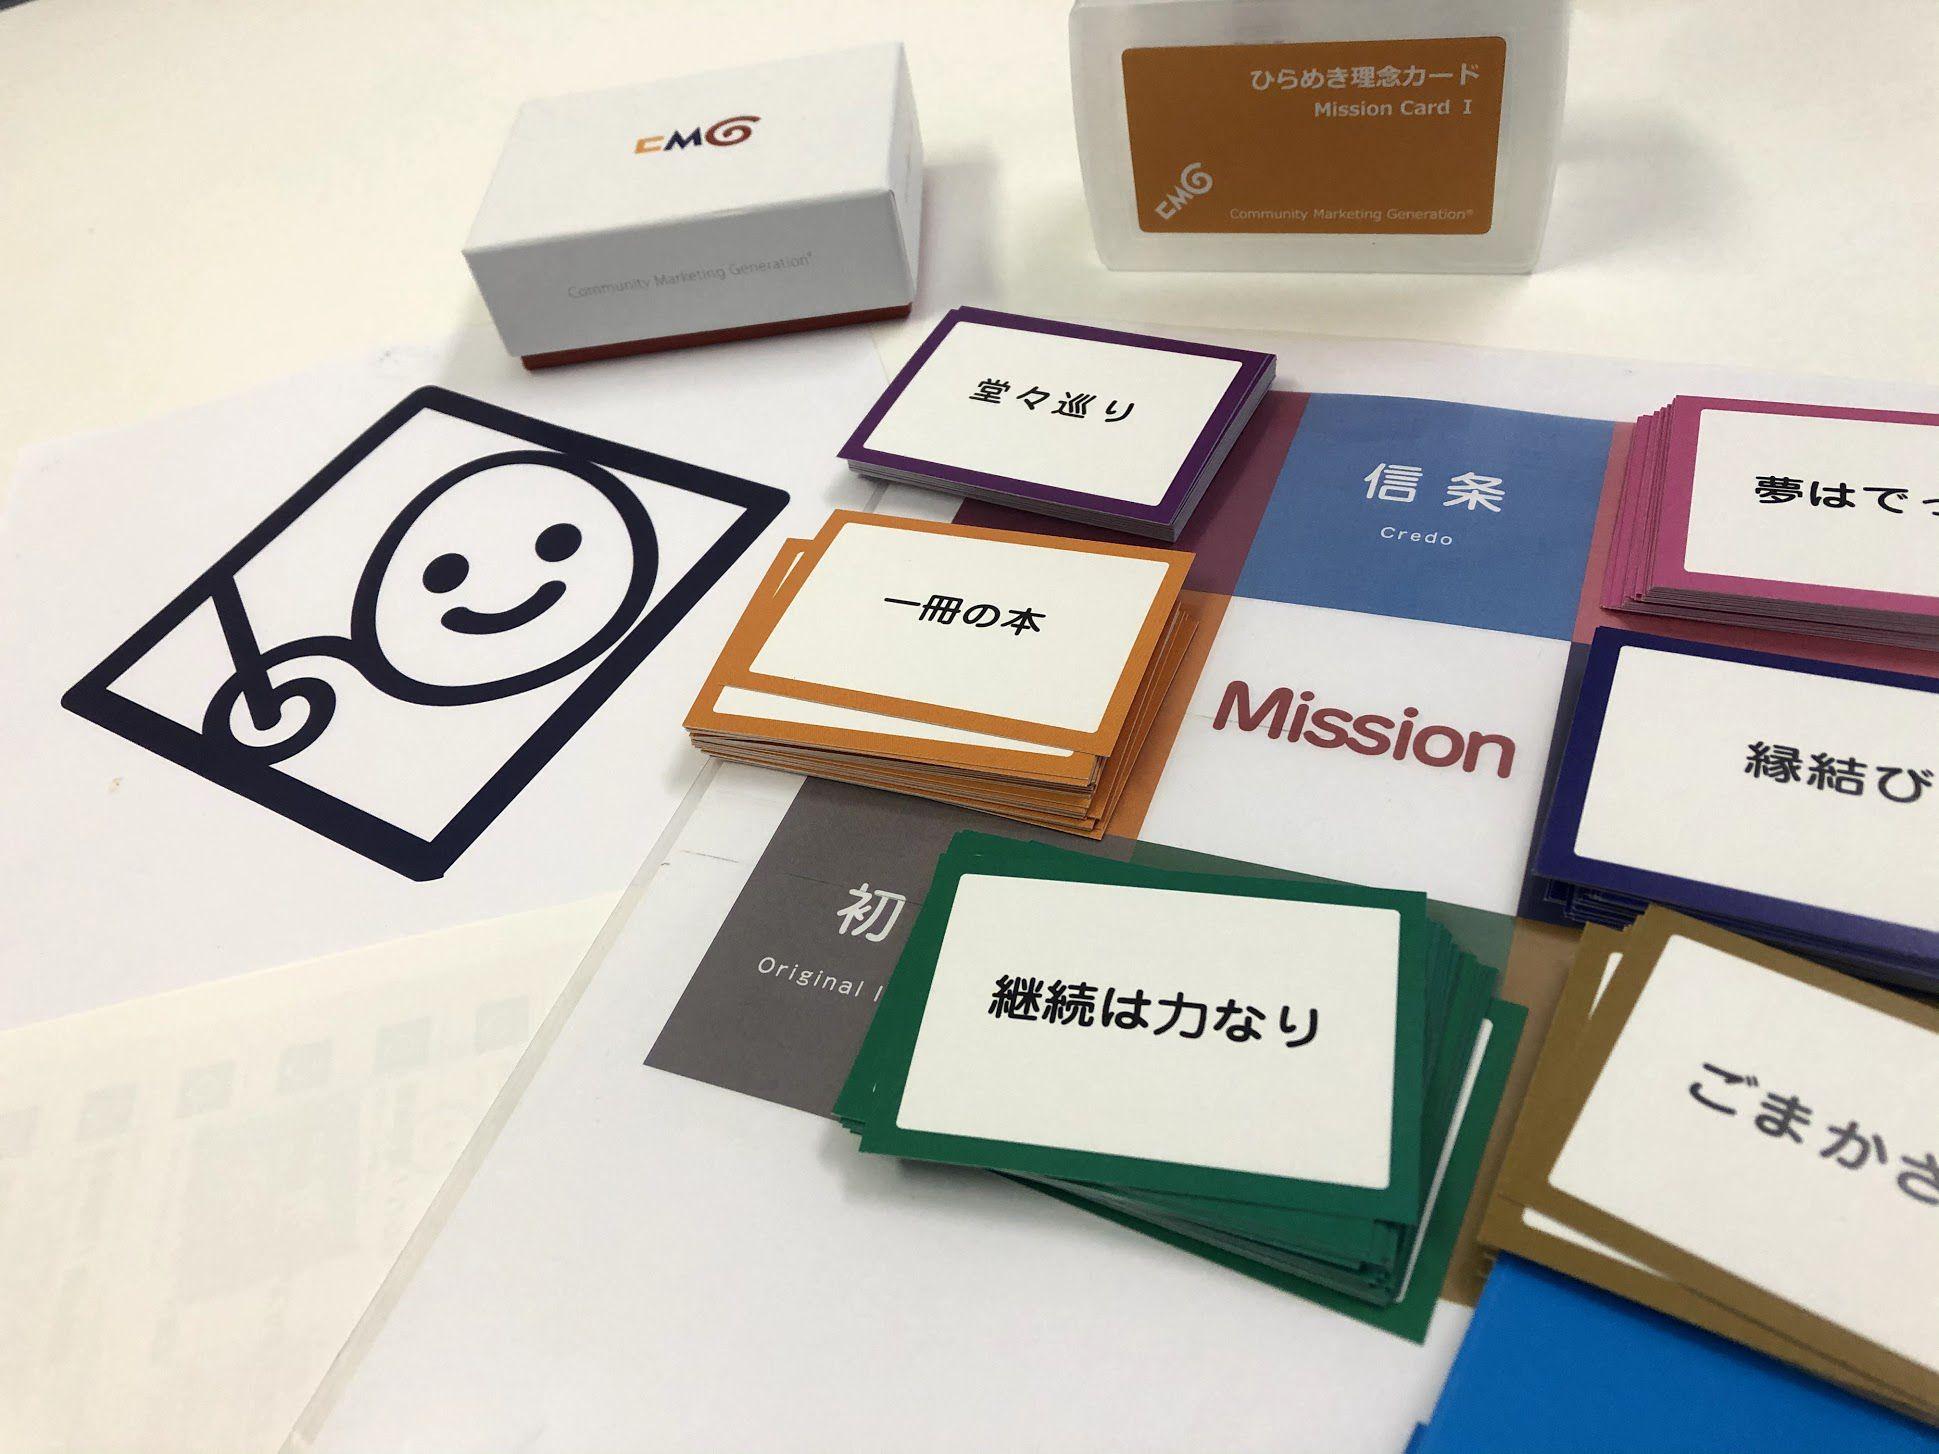 ひらめきカフェ「理念-Mission」in 山形:画像